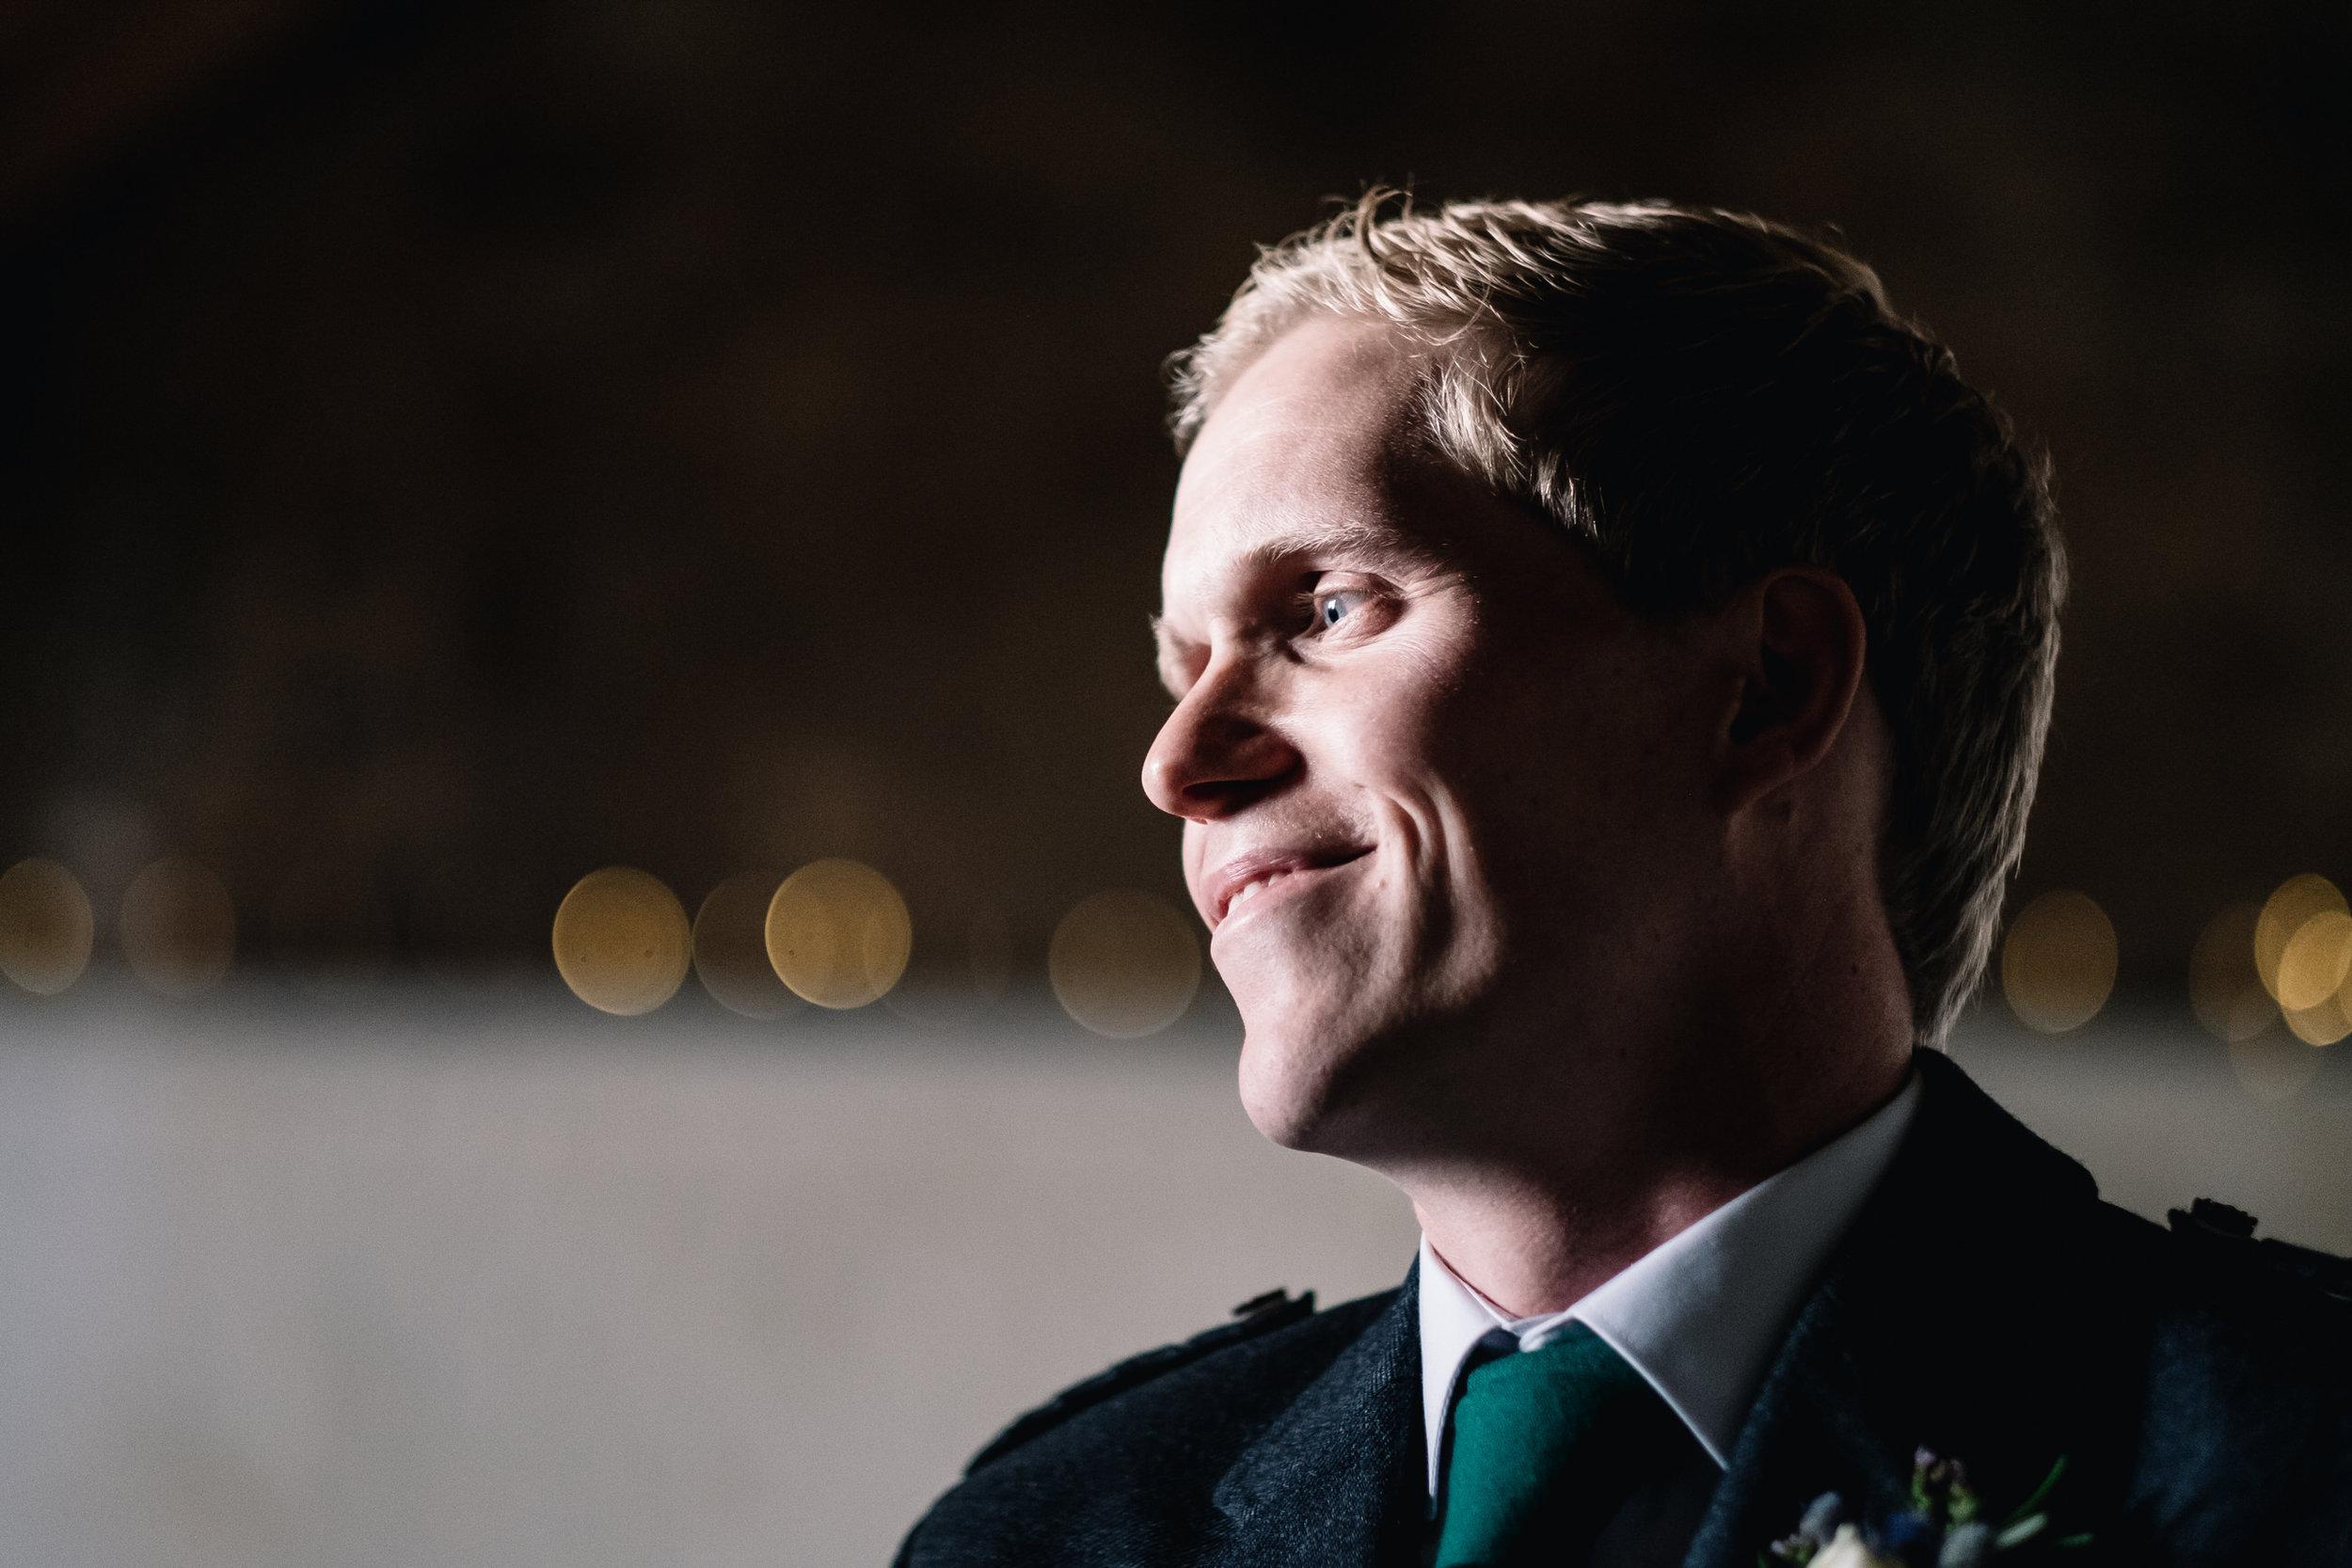 Smiling groom